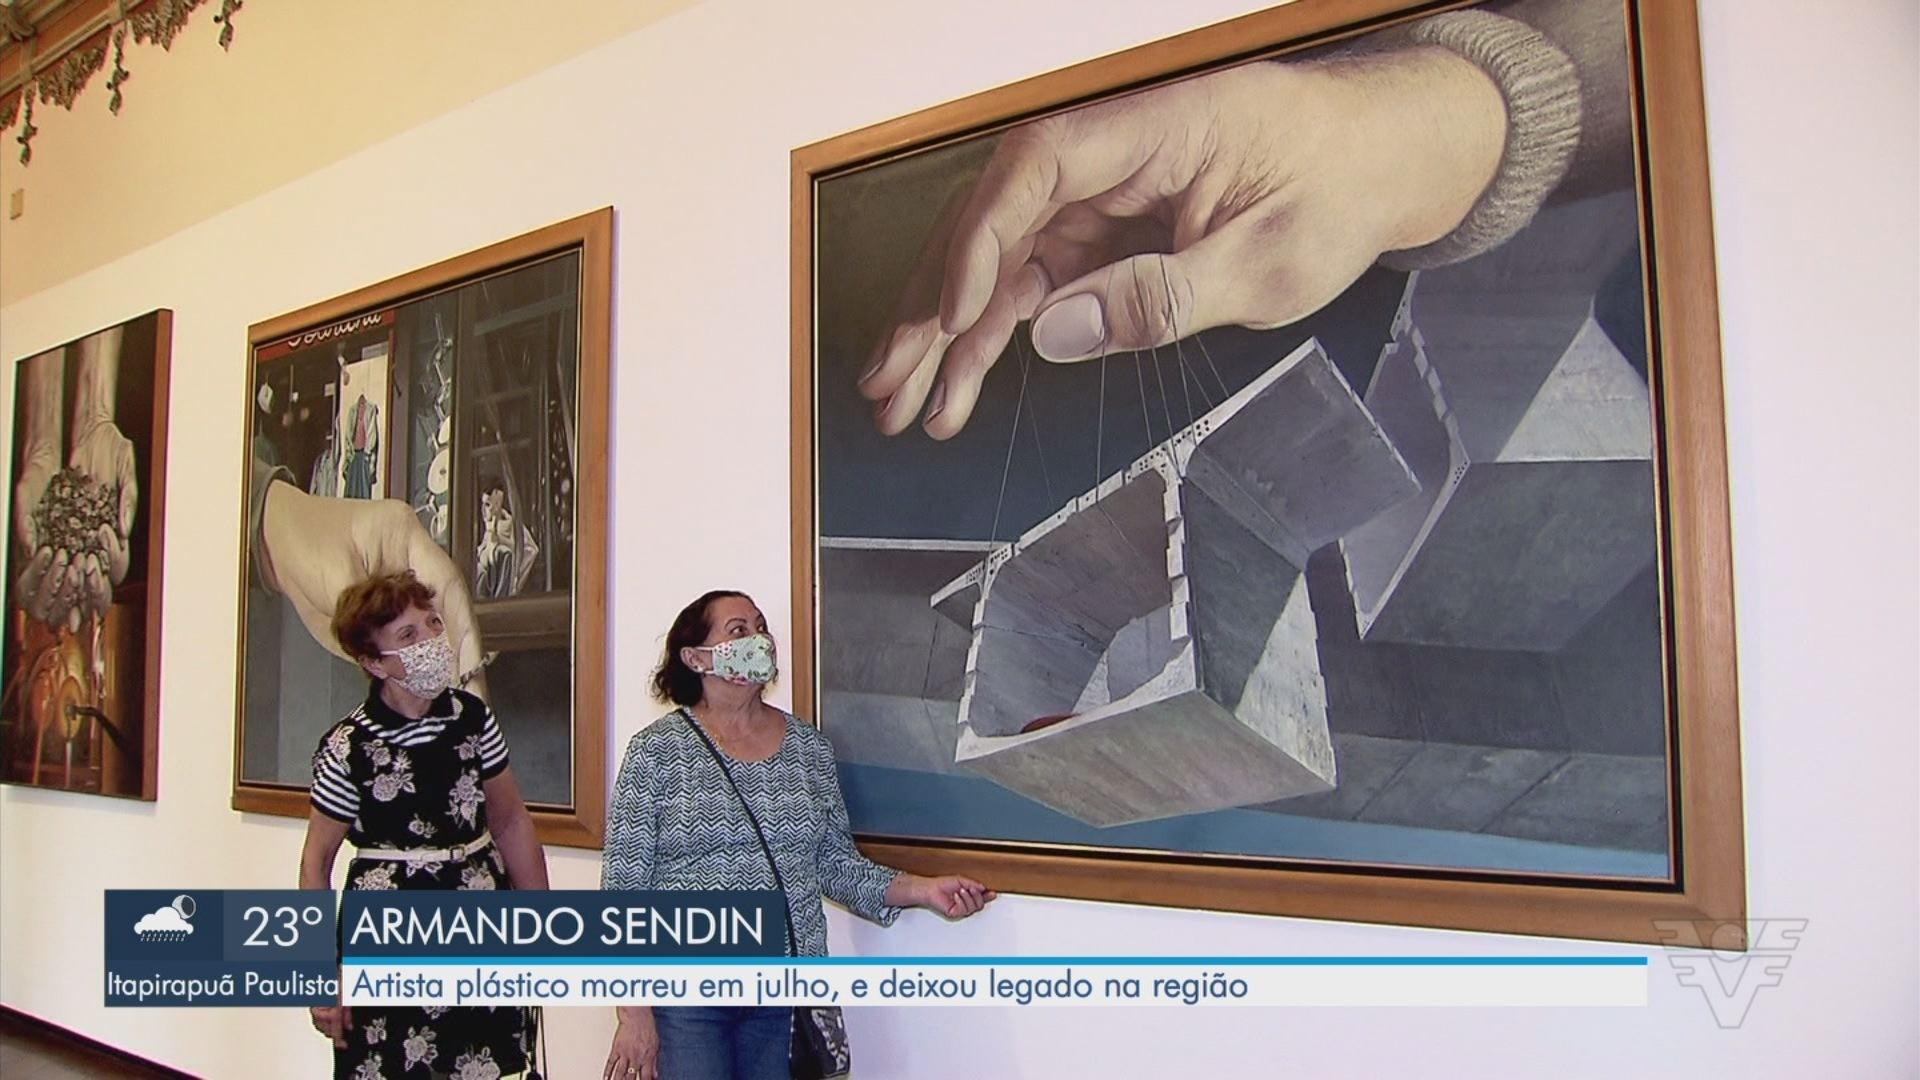 VÍDEOS: Jornal da Tribuna 2ª Edição de sábado, 24 de outubro